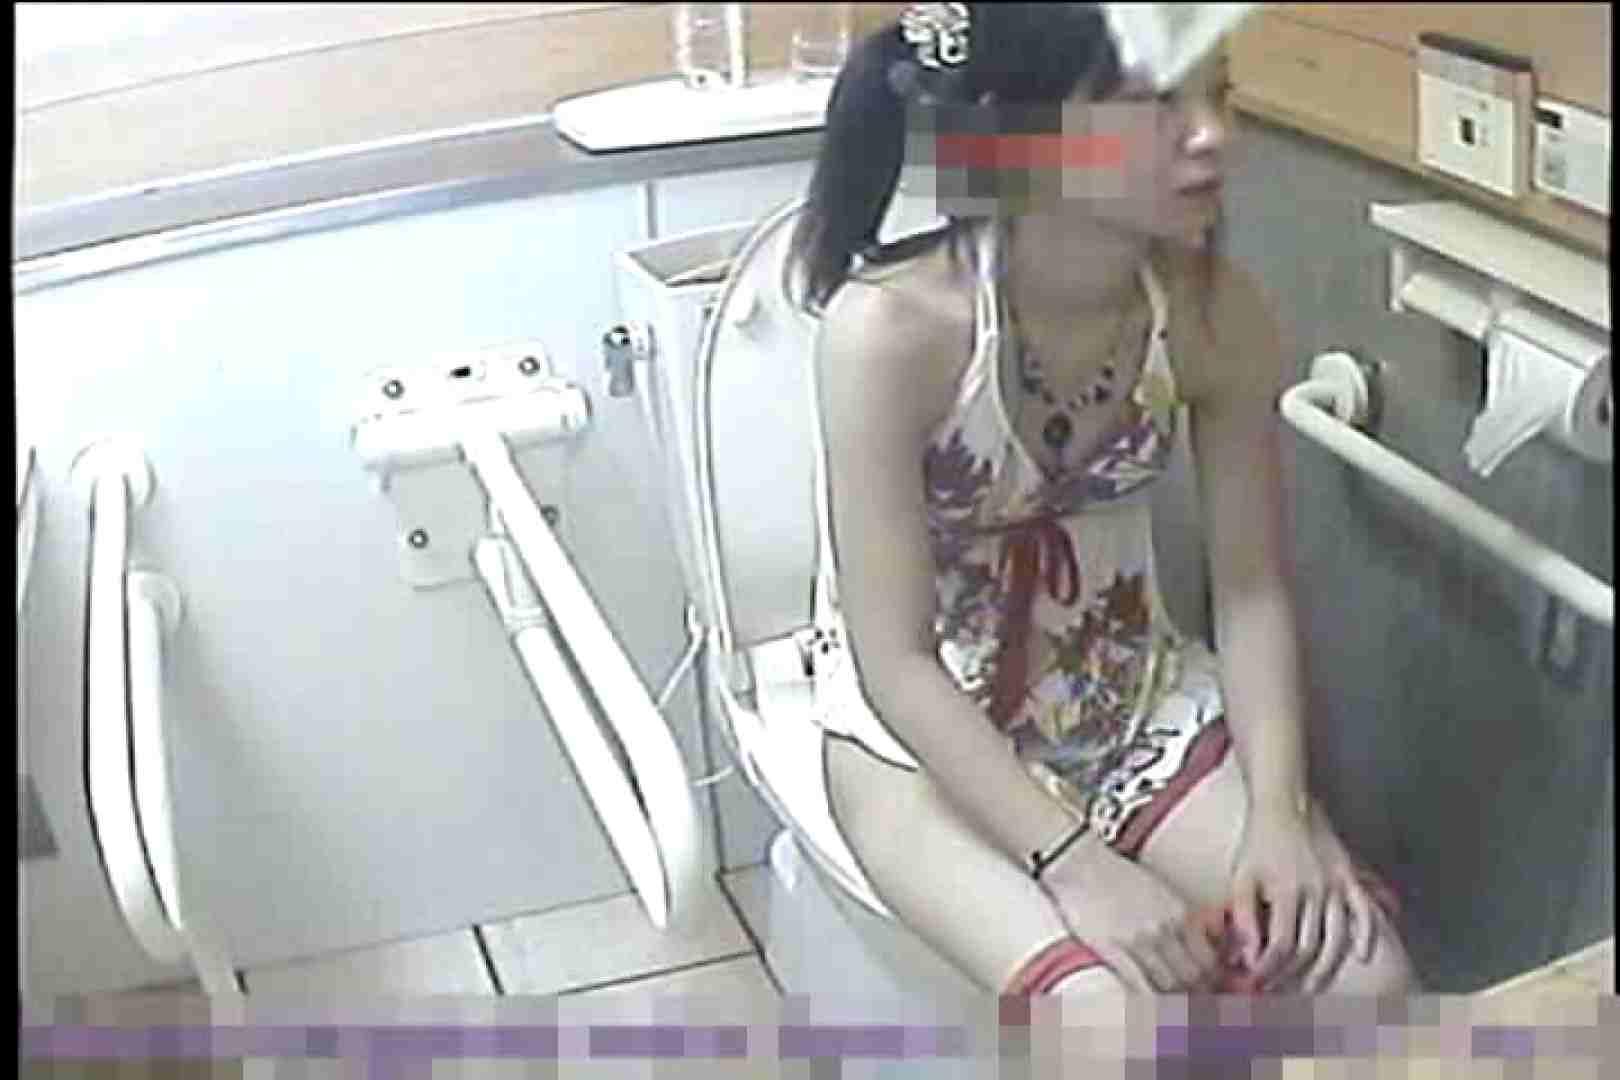 2点盗撮洗面所潜入レポートVol.7 洋式固定カメラ編 0 | 0  101画像 38